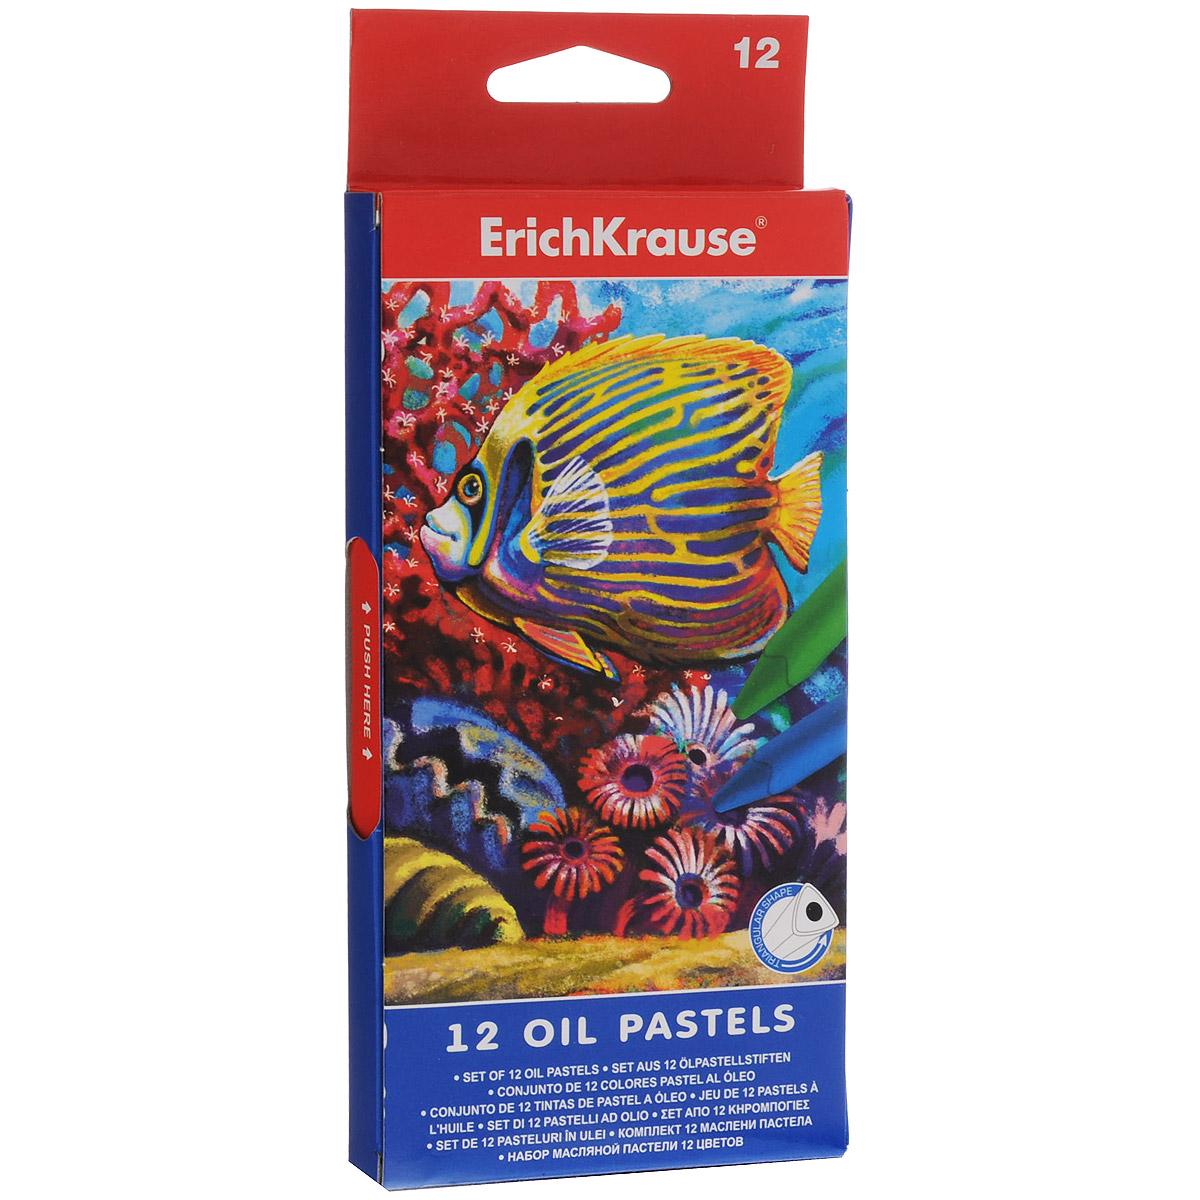 Пастель масляная Erich Krause, 12 цветов. EK 34933EK 34933Пастель масляная Erich Krause предназначена для эскизных и живописных работ. Пастель изготовлена с использованием пигментов и восков. Обладает мягкой текстурой и насыщенными цветами. Не крошится при рисовании, мягко ложится на бумагу. Каждый мелок в индивидуальной бумажной обертке.Длина мелка: 7,5 см.